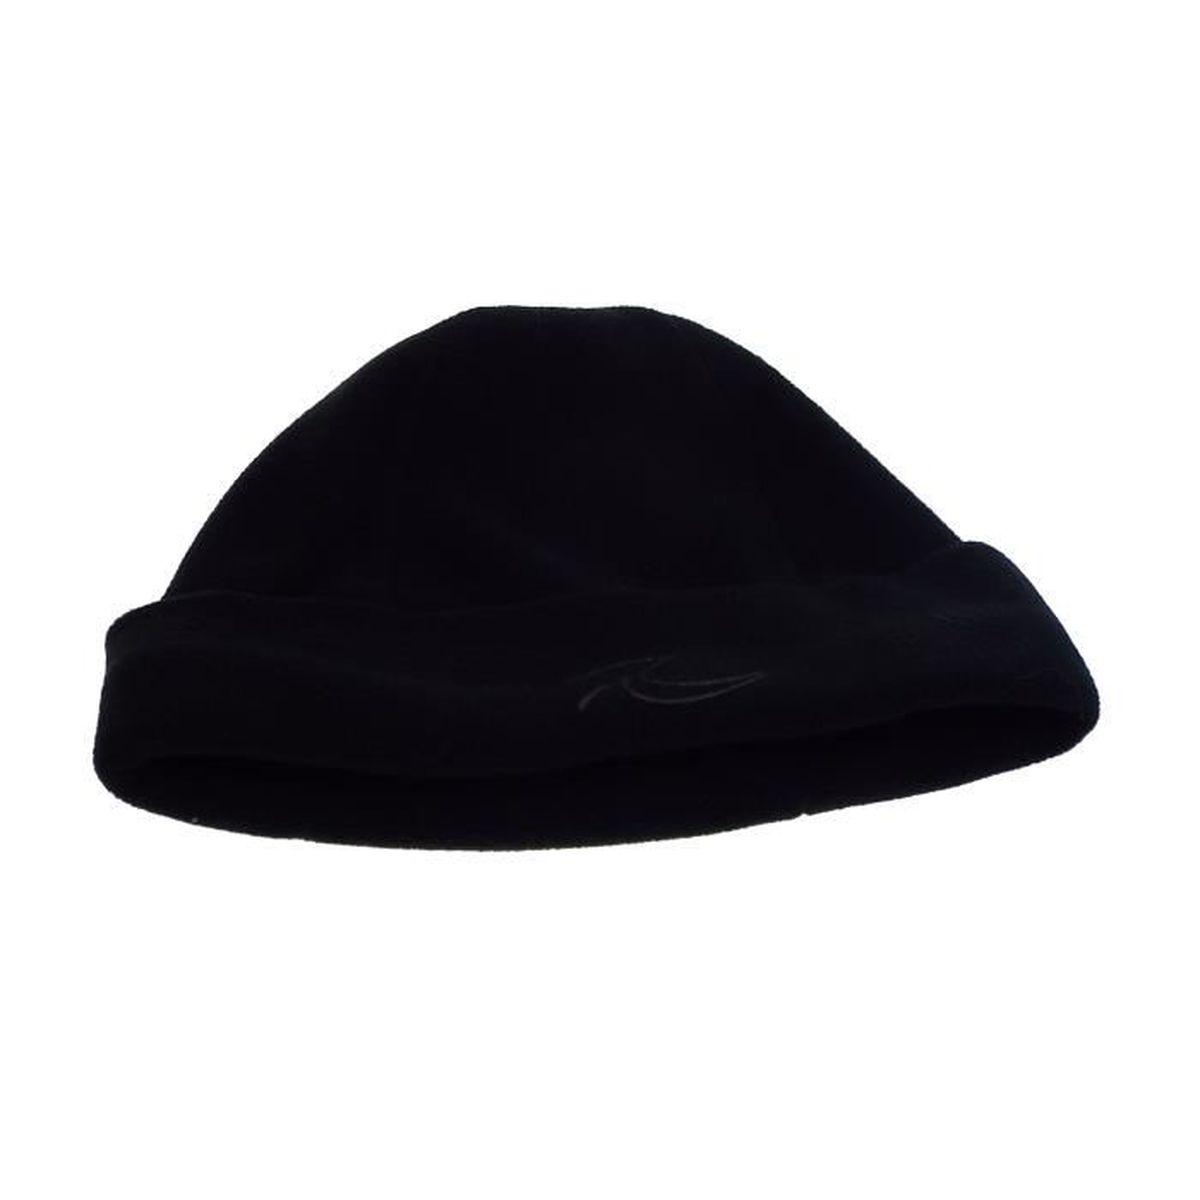 ac91dd8c80f Bonnet enfant - polaire - taille unique - noir - 100 %polyester ...